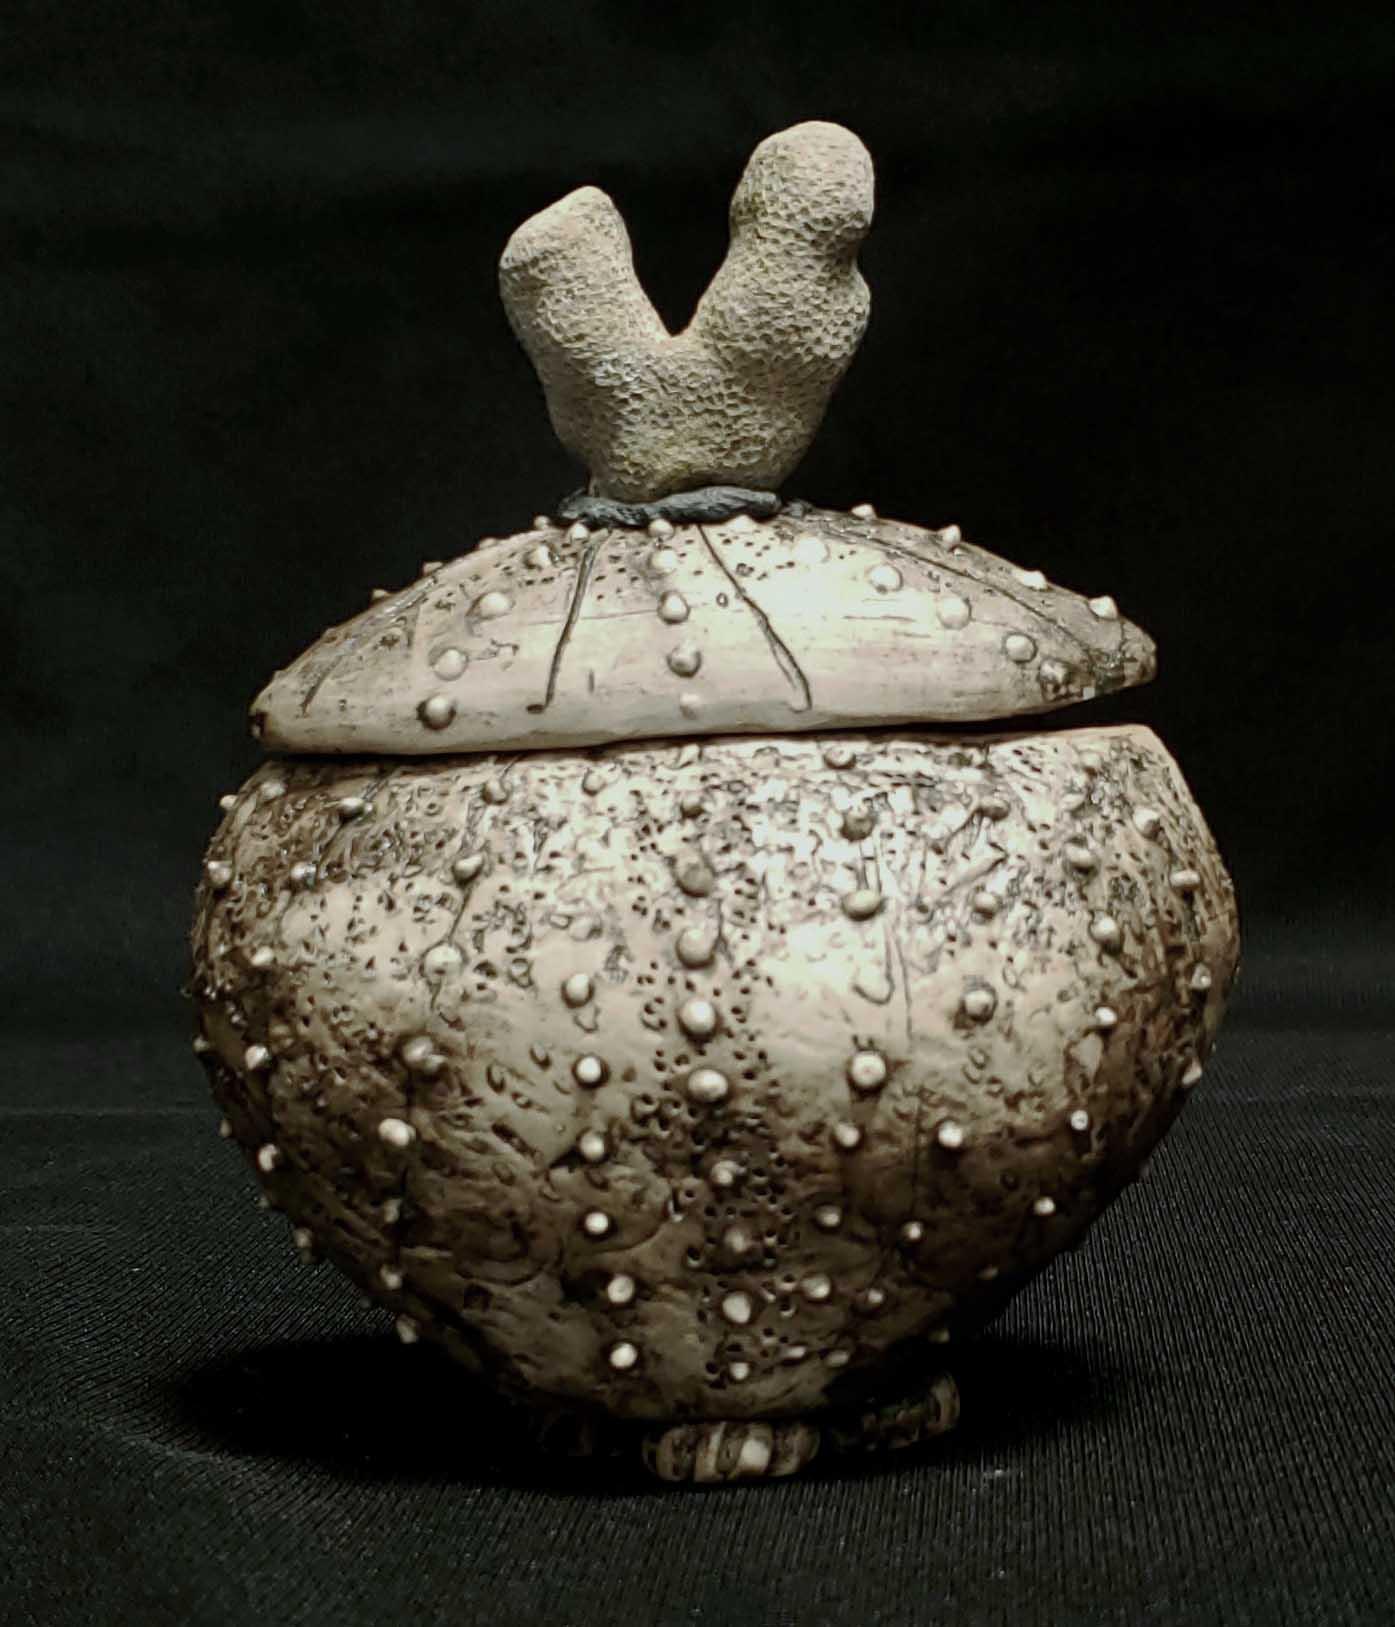 Sea Urchin Jar